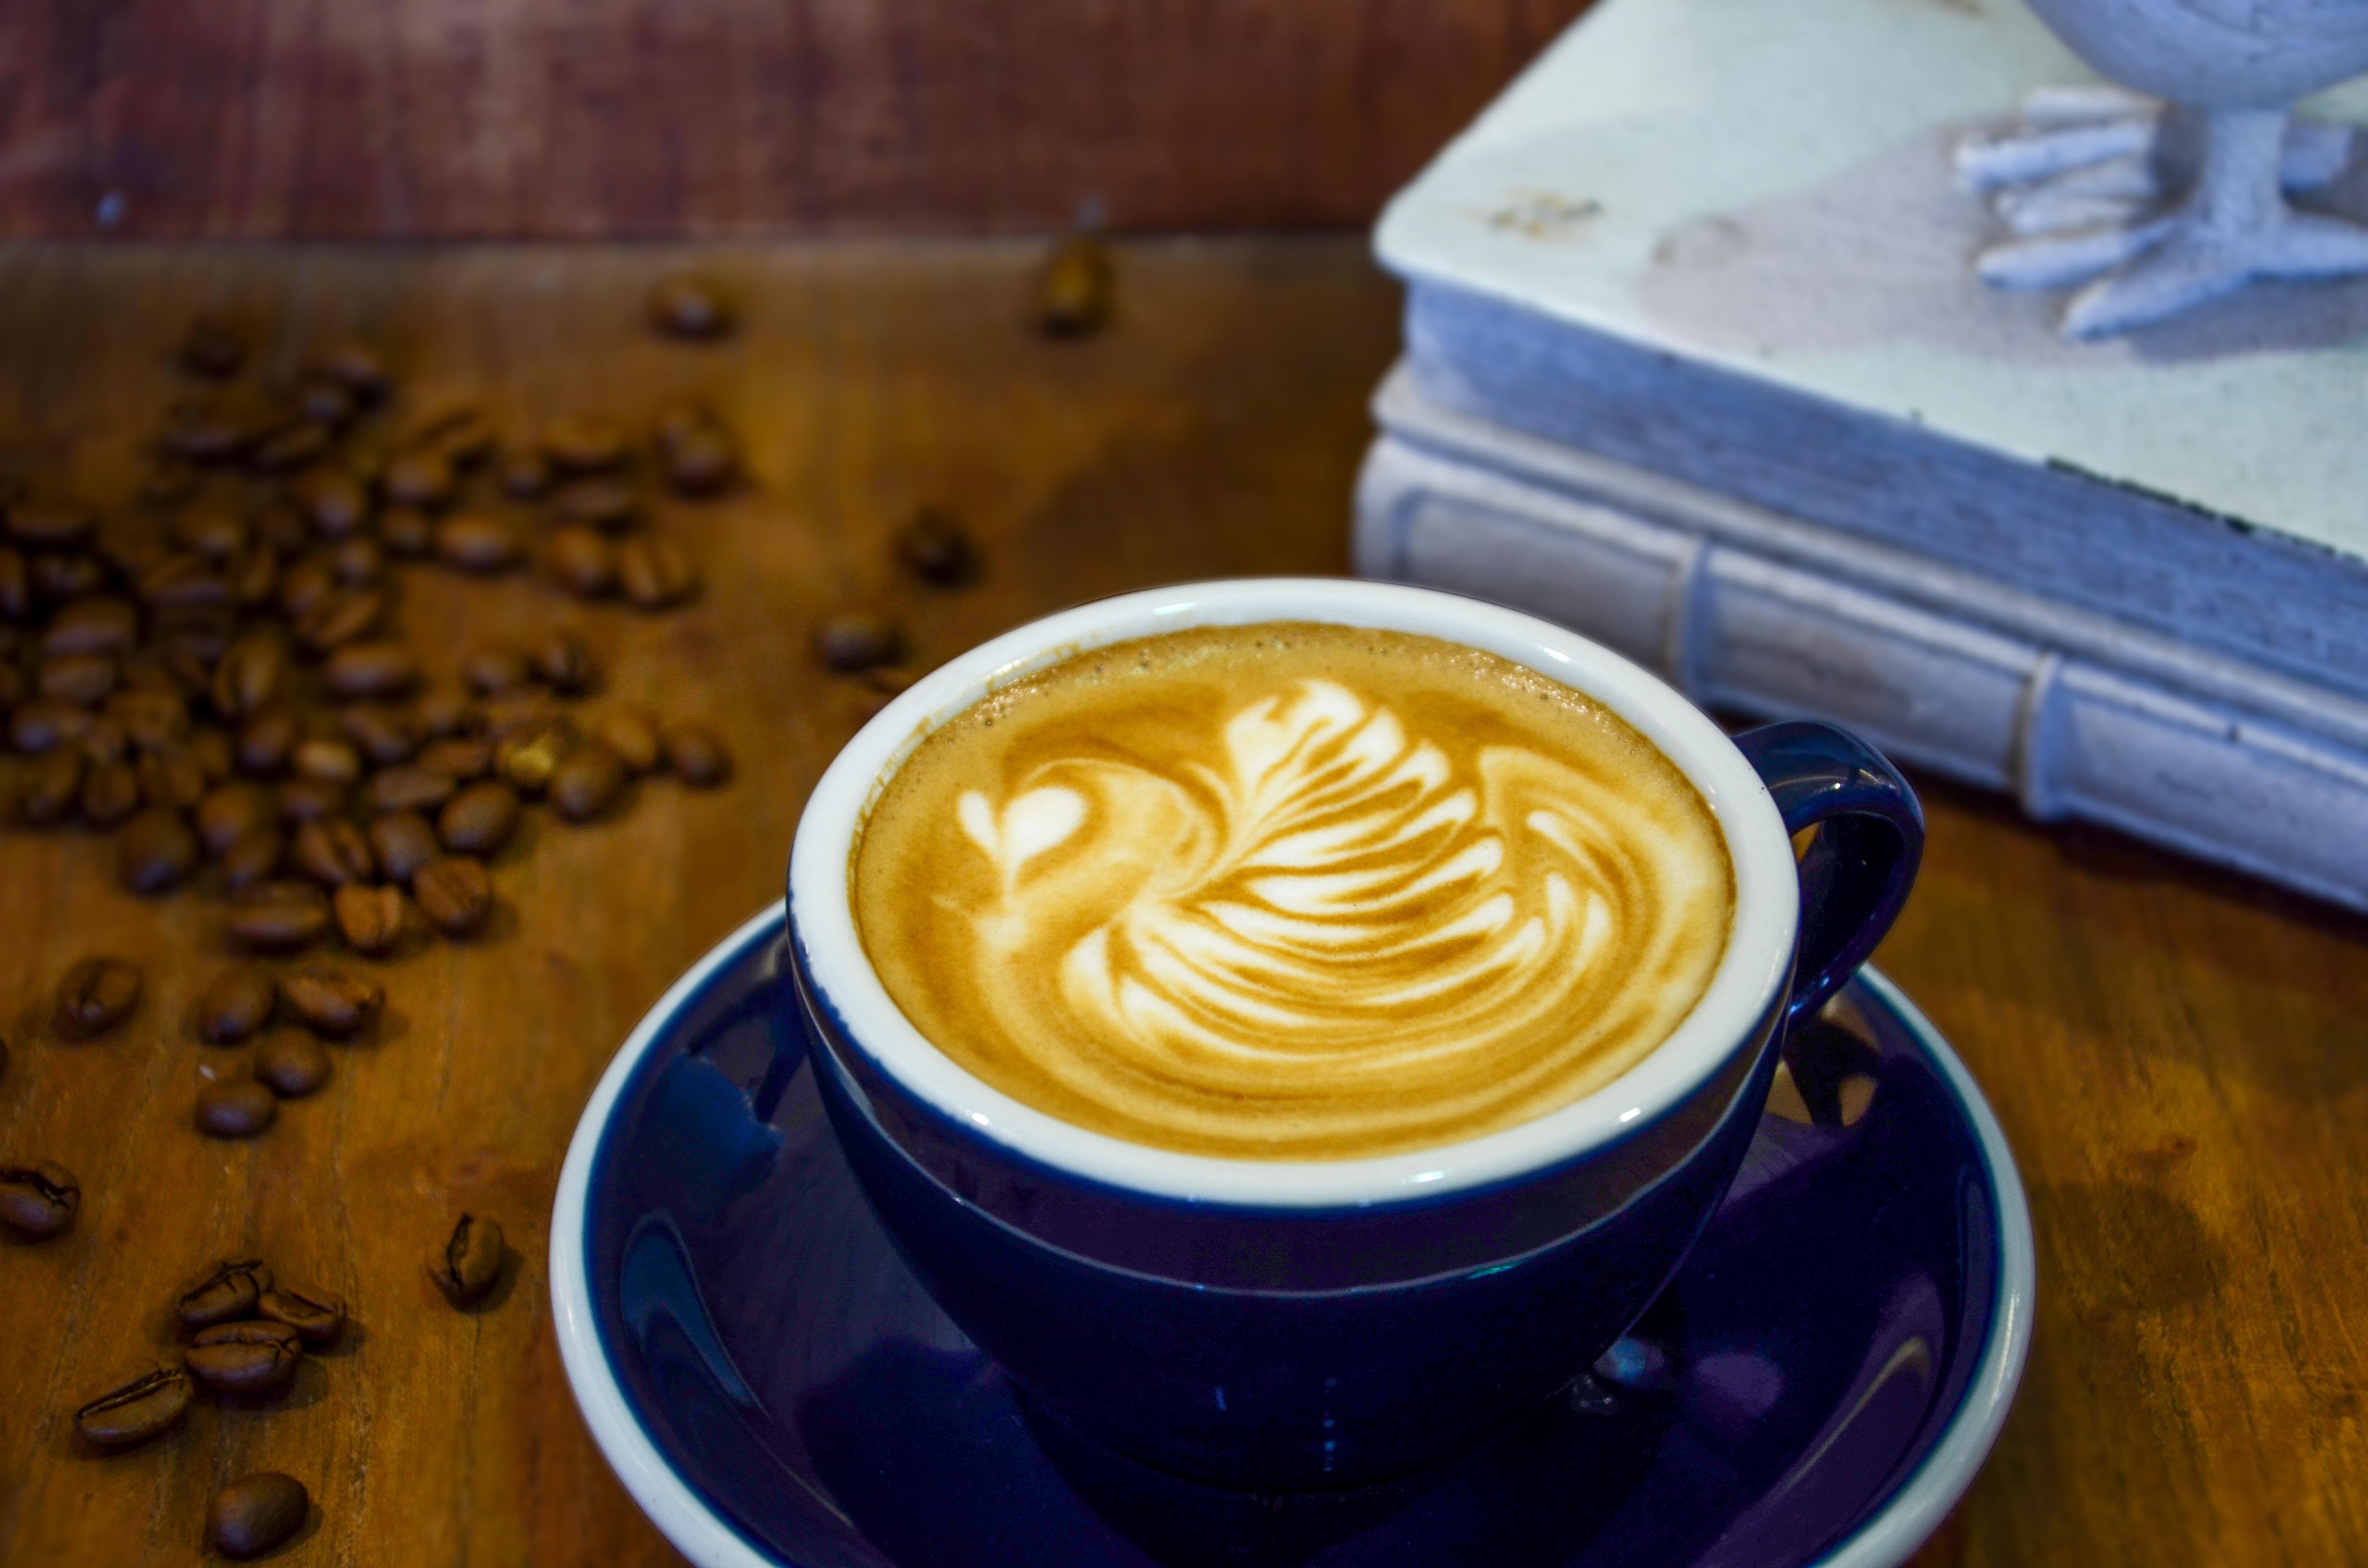 橘普咖啡图片